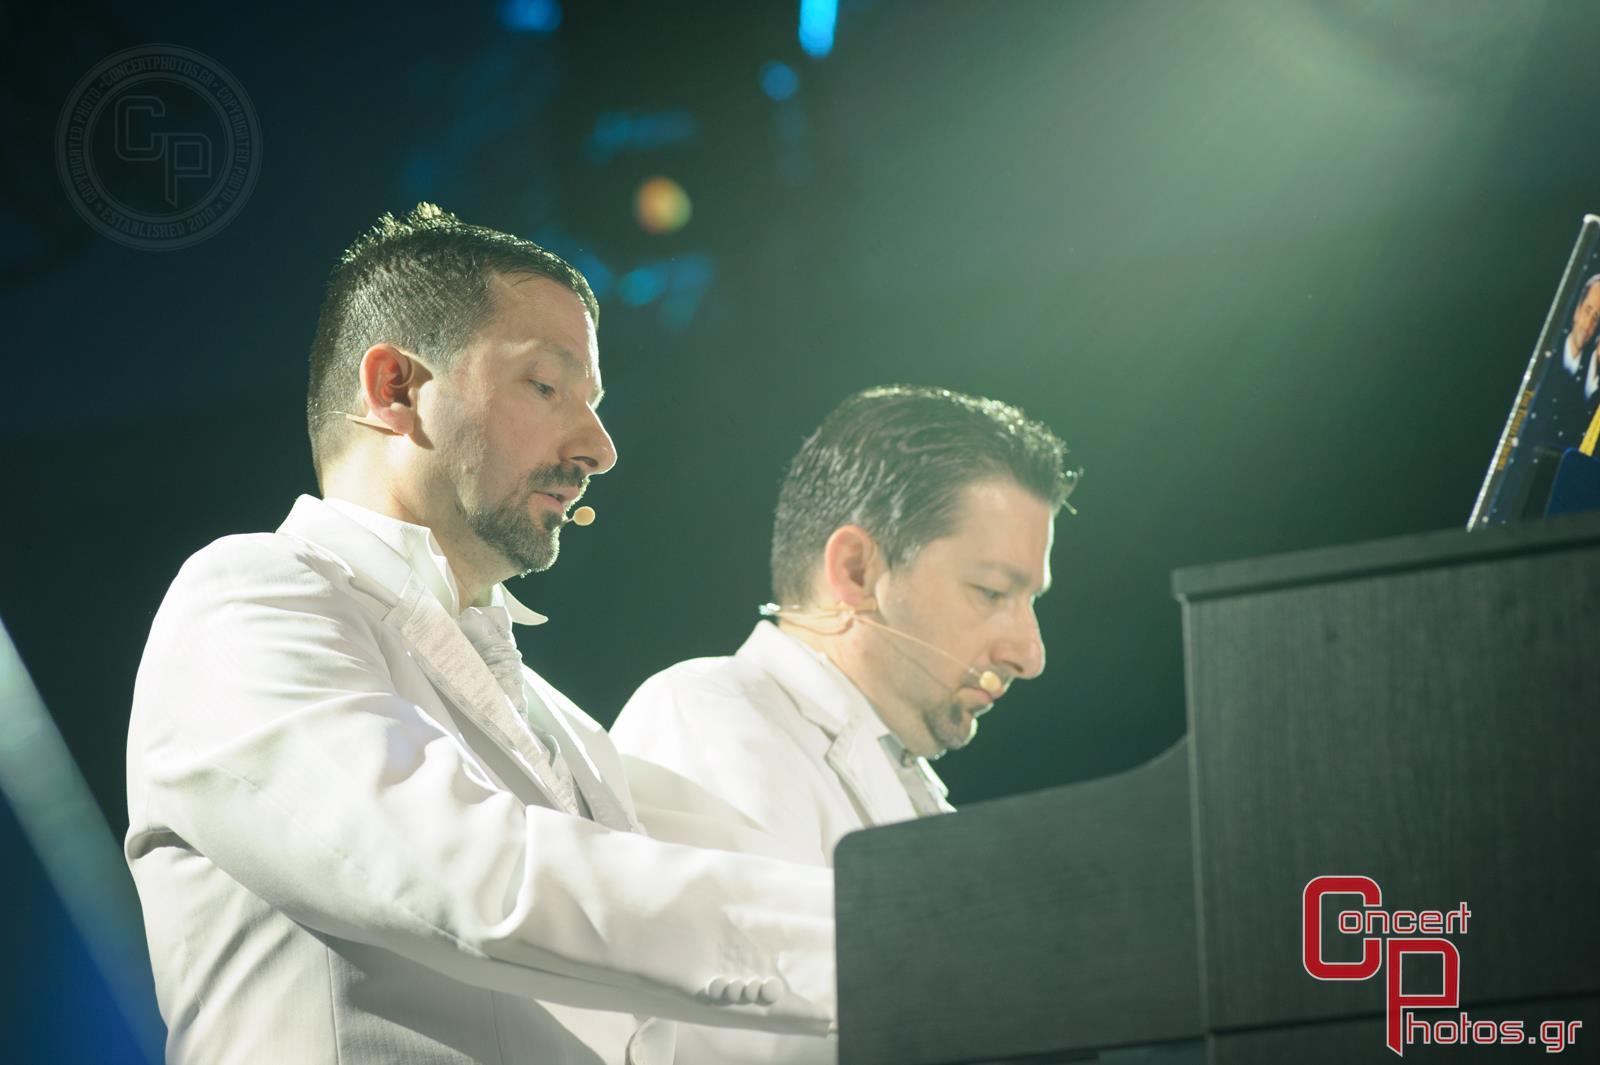 Μία συναυλία για τη Σχεδία 2014-Sxedia 2014 photographer:  - concertphotos_20140526_21_03_18